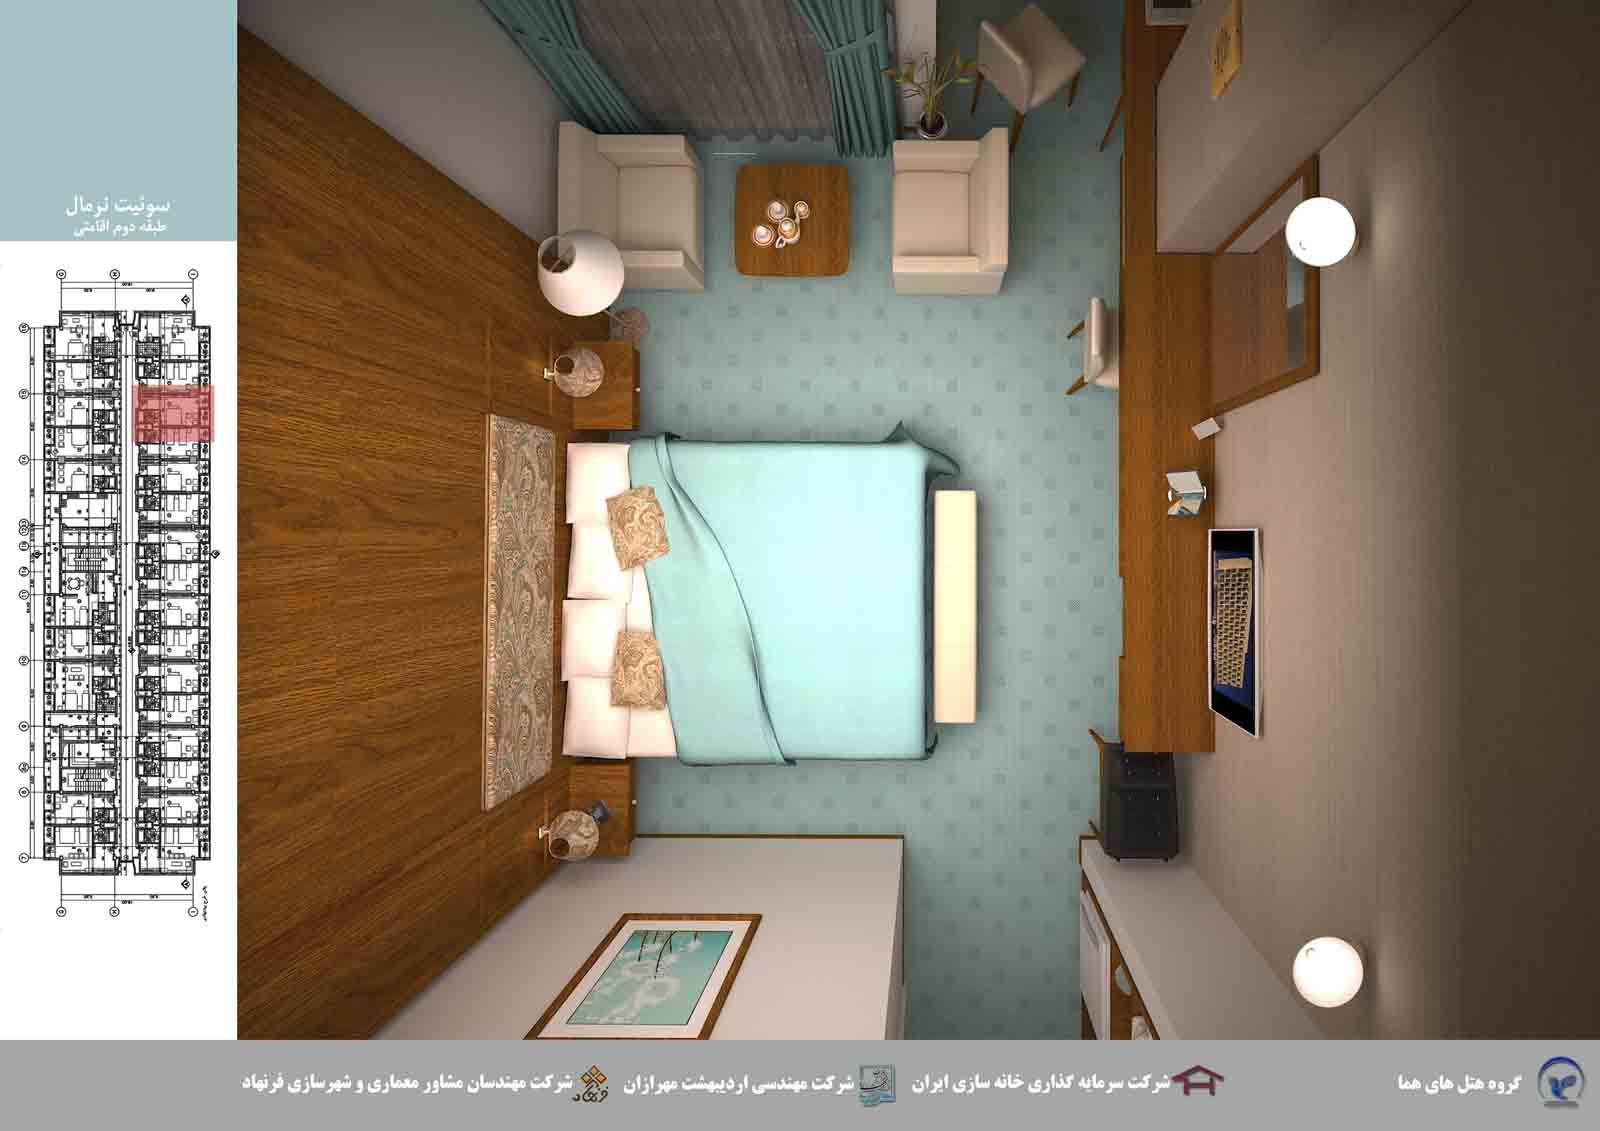 بازسازی هتل هما مشهد